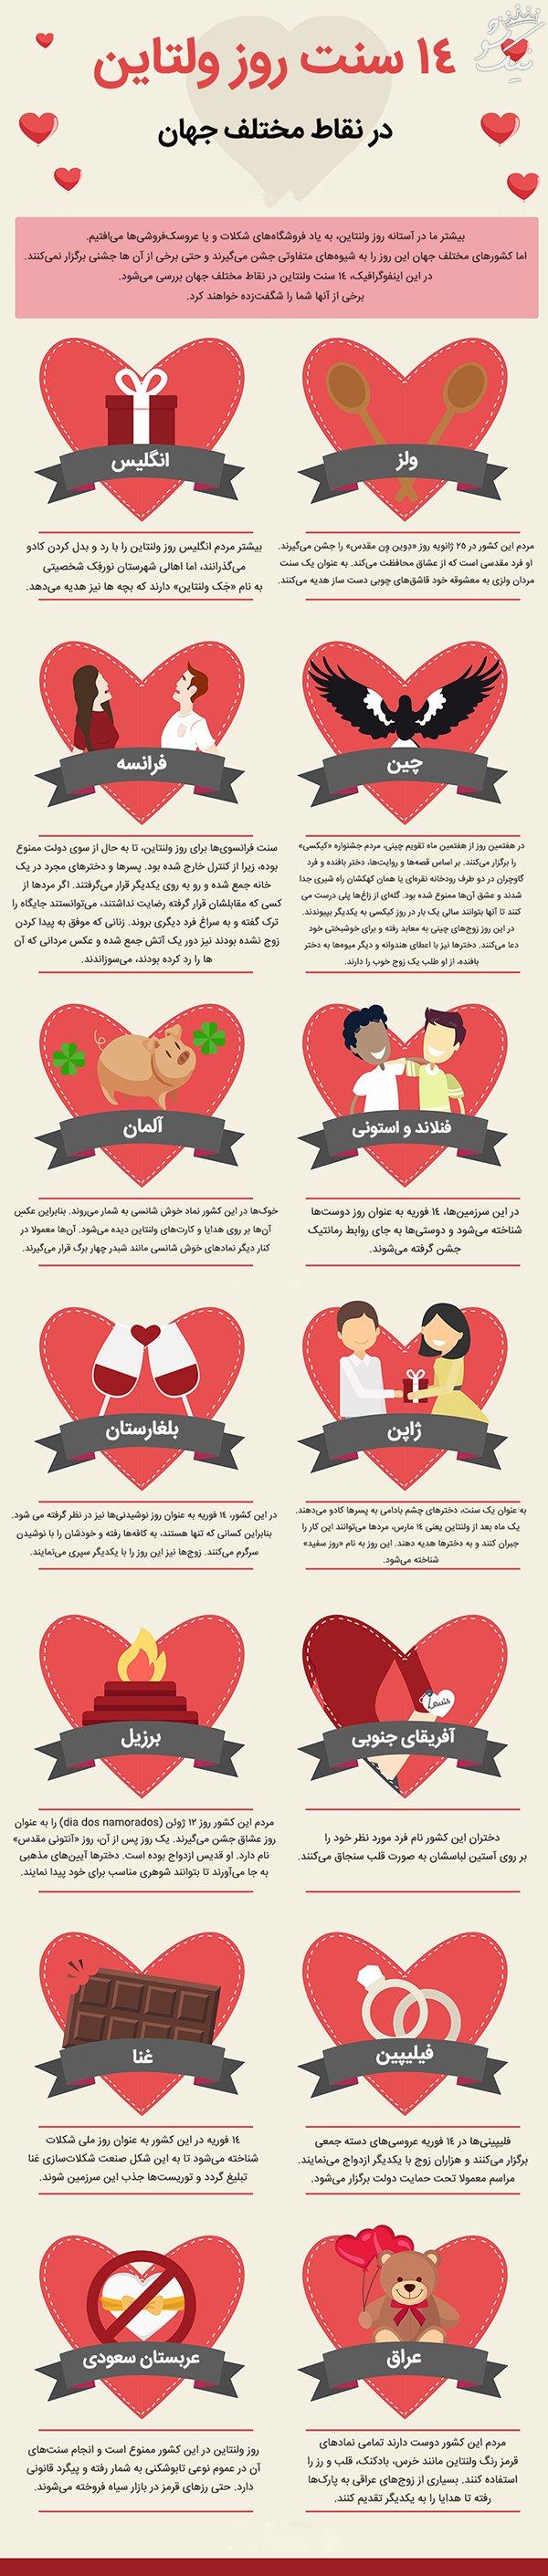 با سنت های روز عشق ولنتاین در سراسر جهان آشنا شوید